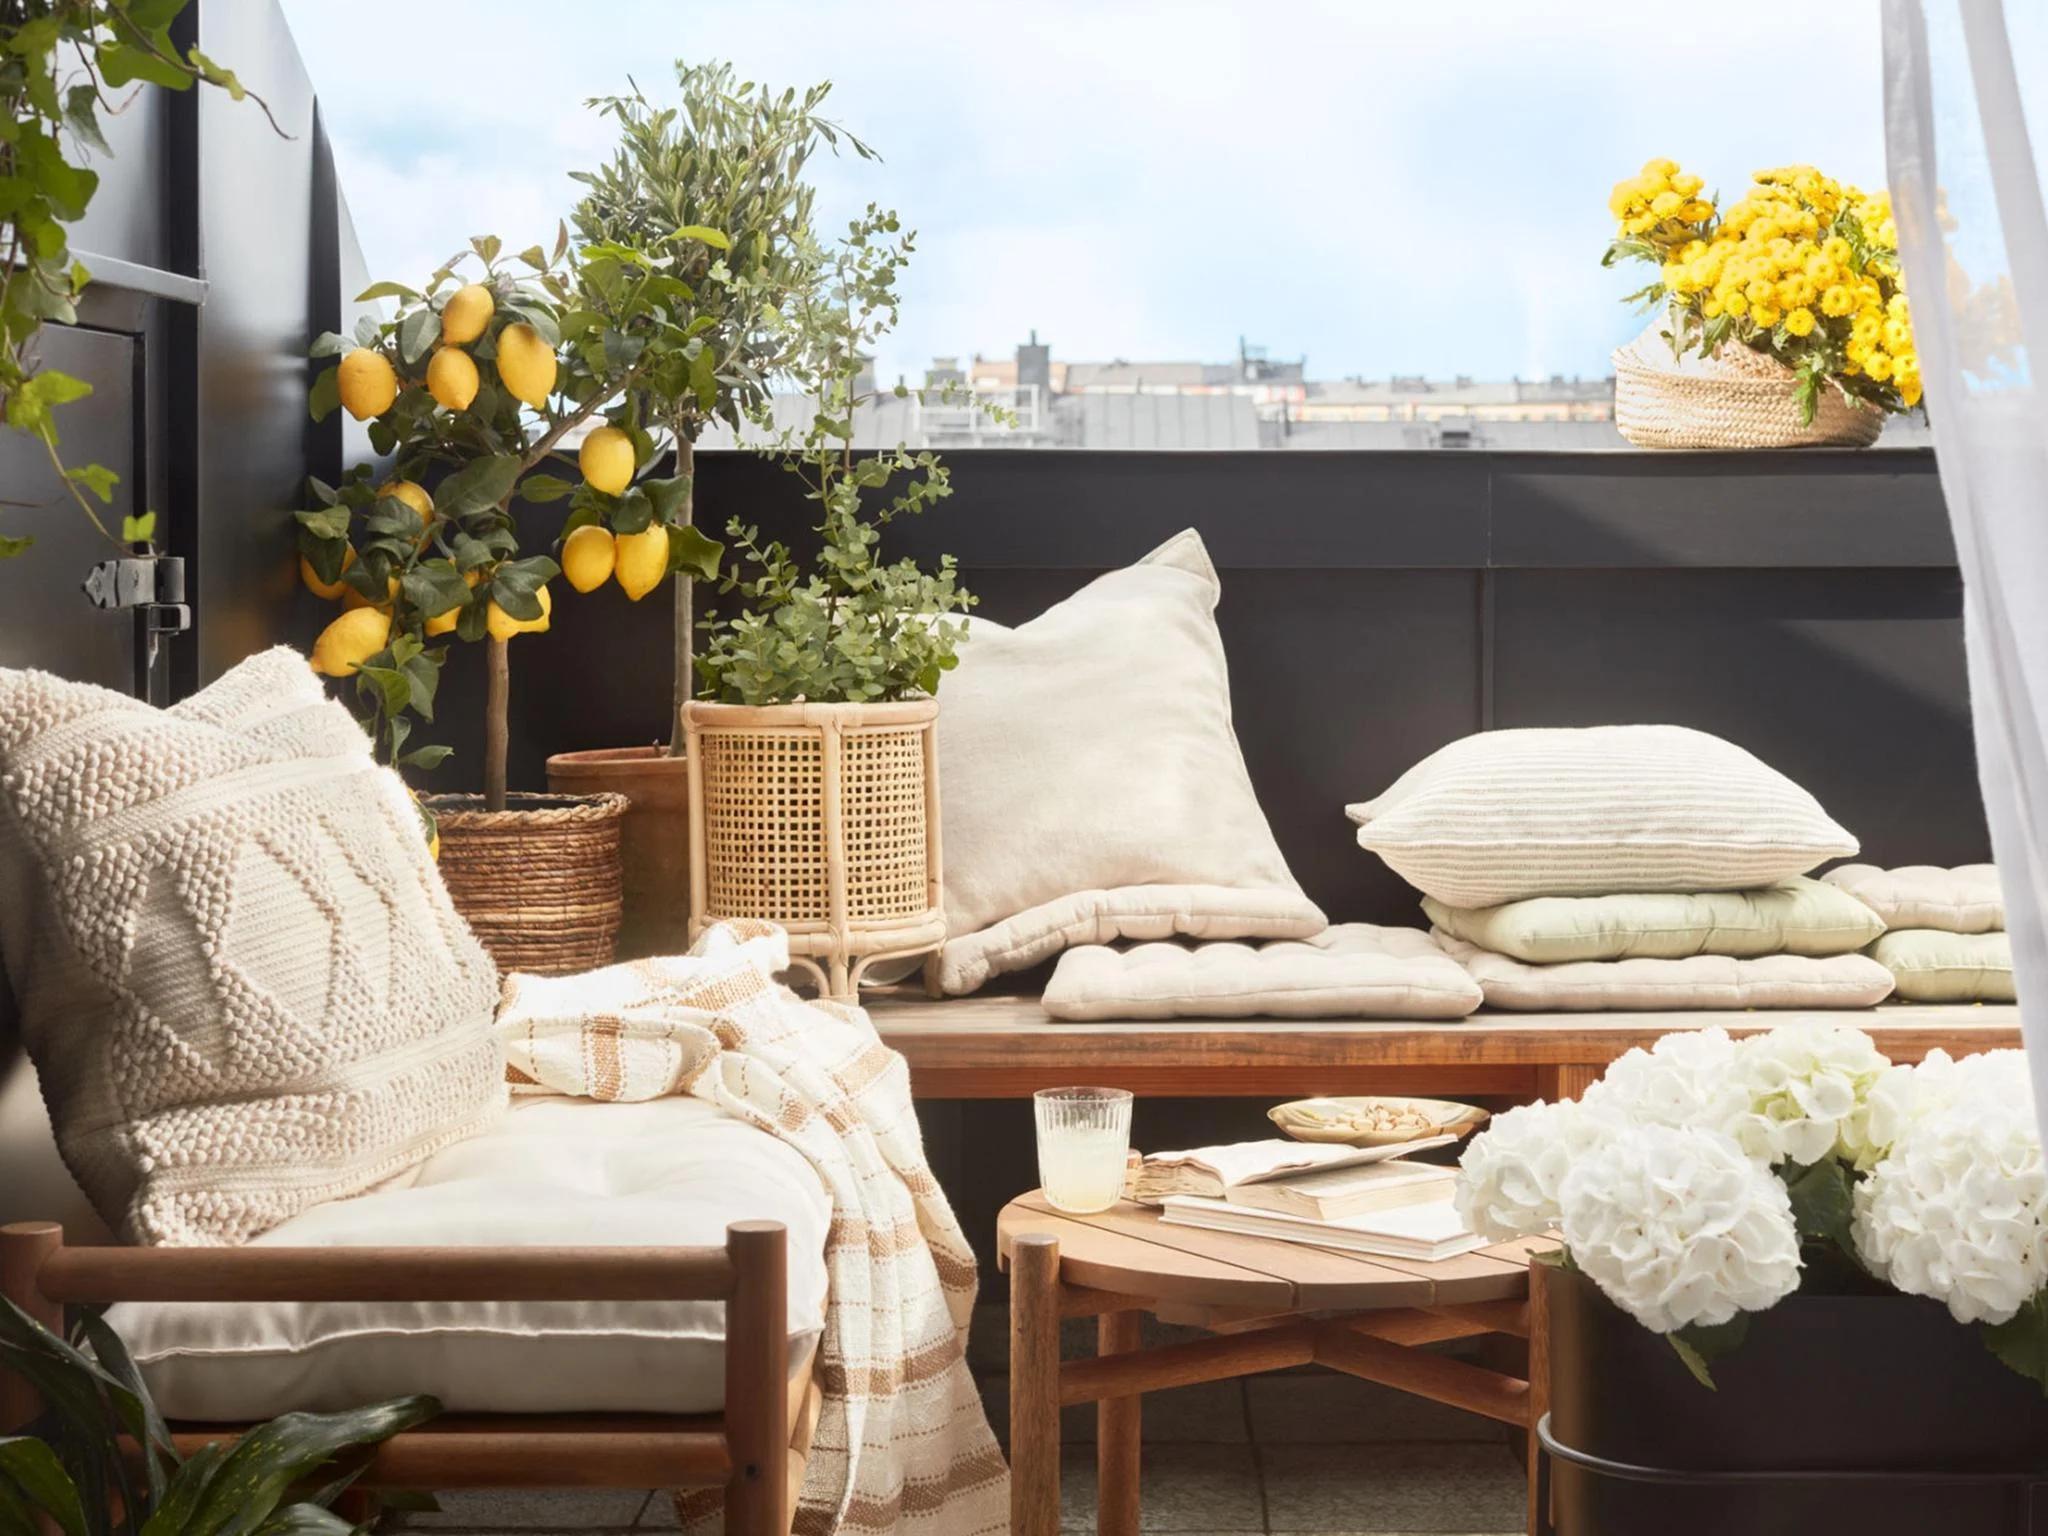 best furniture brands 2020 fom loaf to